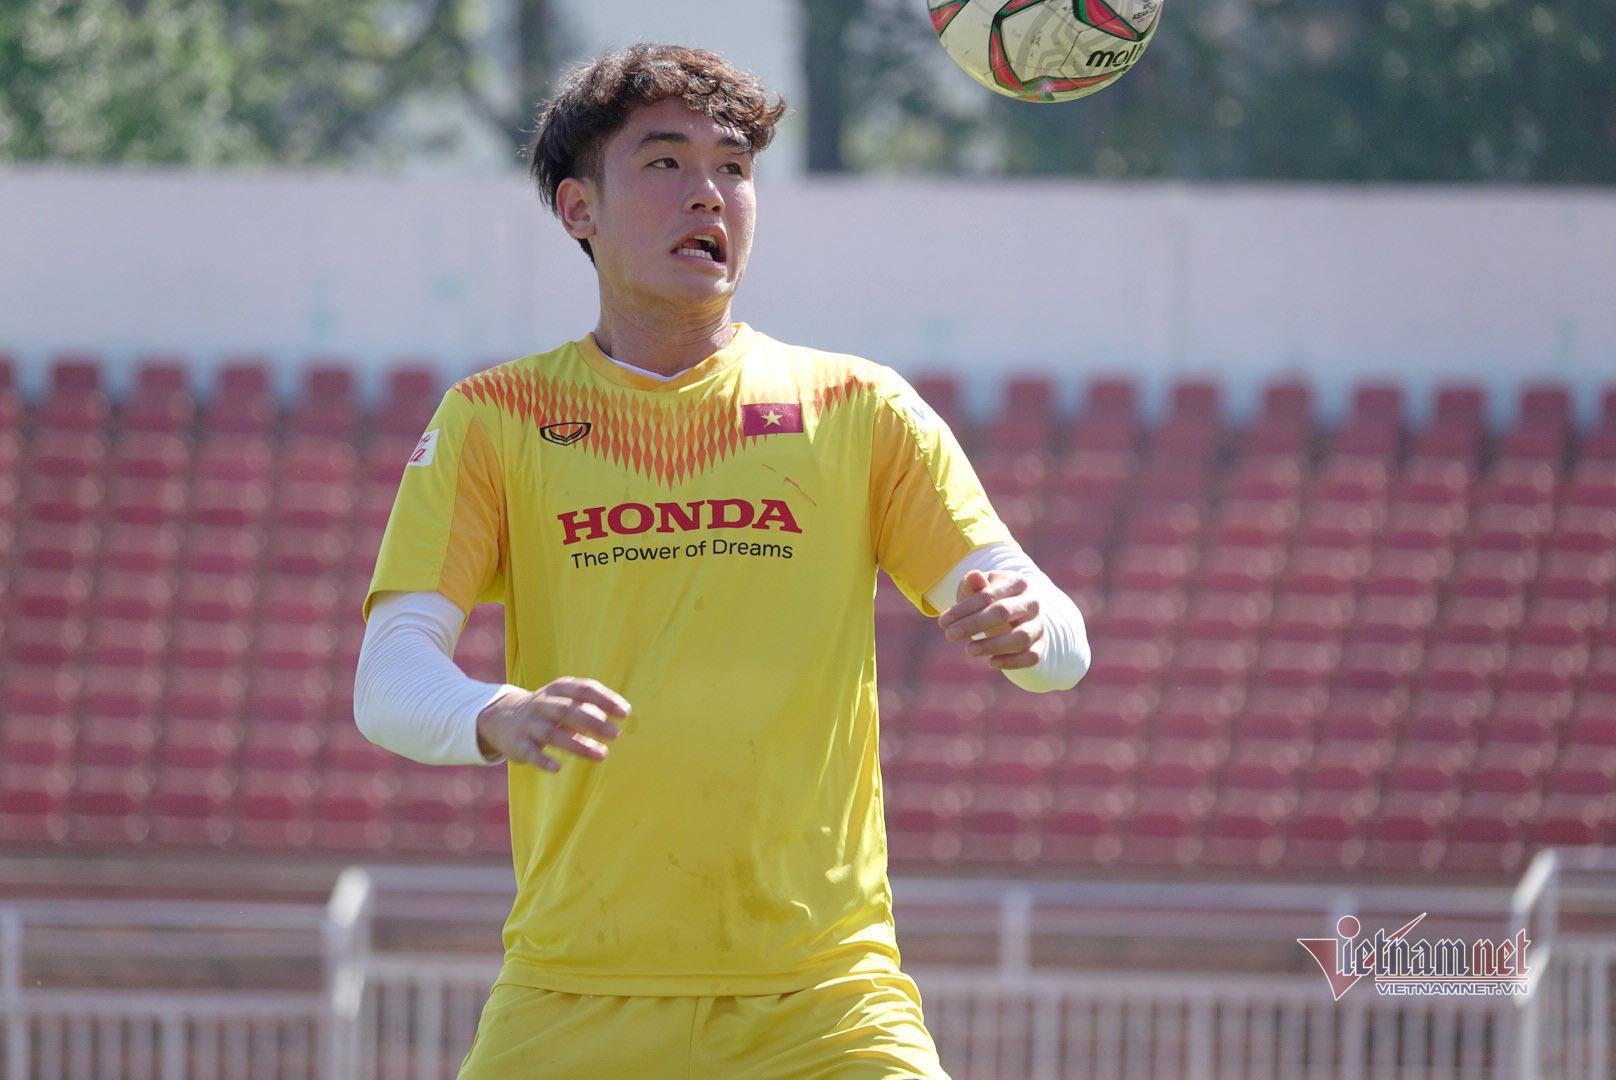 Sao U23 Việt Nam đáp cực gắt Messi Thái sau lời khiêu chiến-7